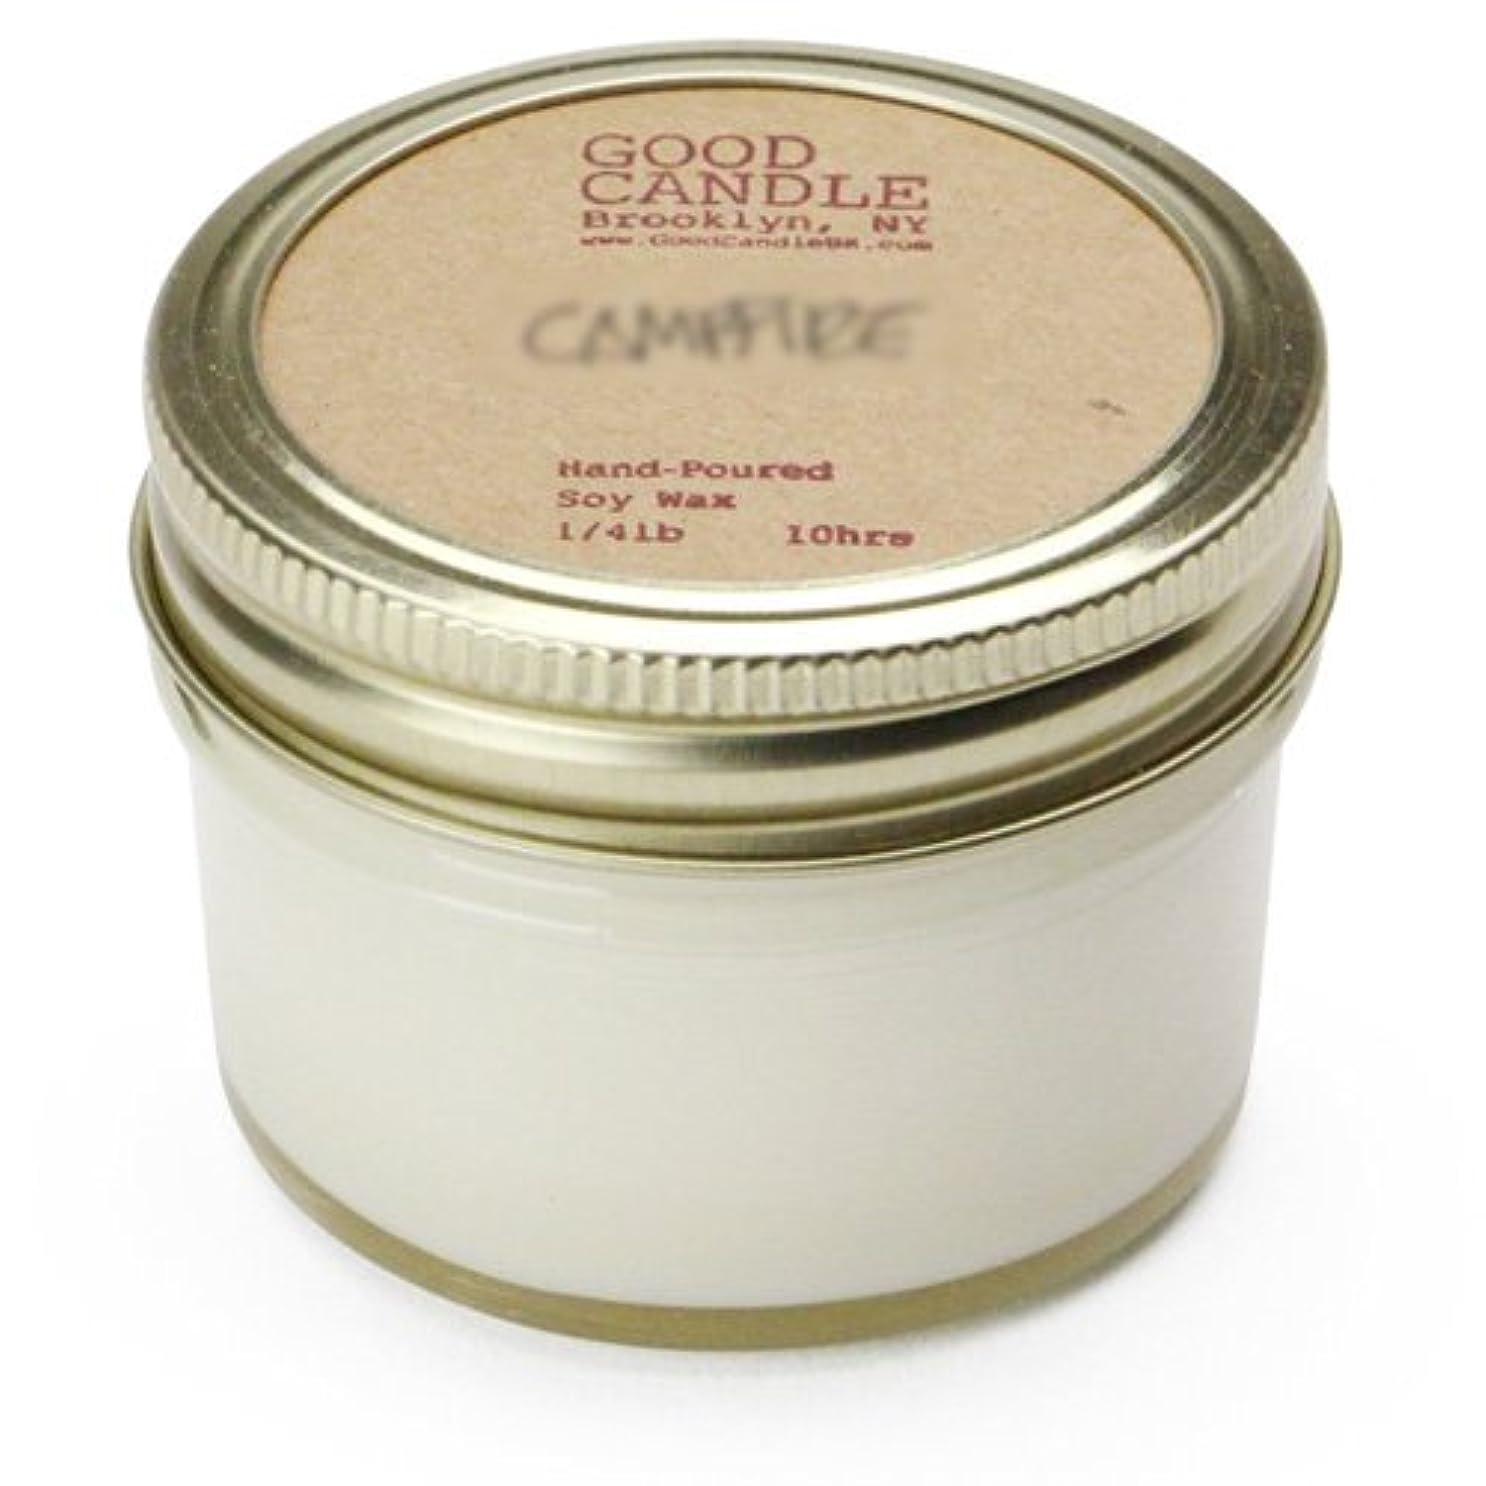 南極火山学者雲グッドキャンドル 1/4ポンド ゼリージャー キャンドル Good Candle 1/4LB Jelly jar candle [ Basil ] 正規品